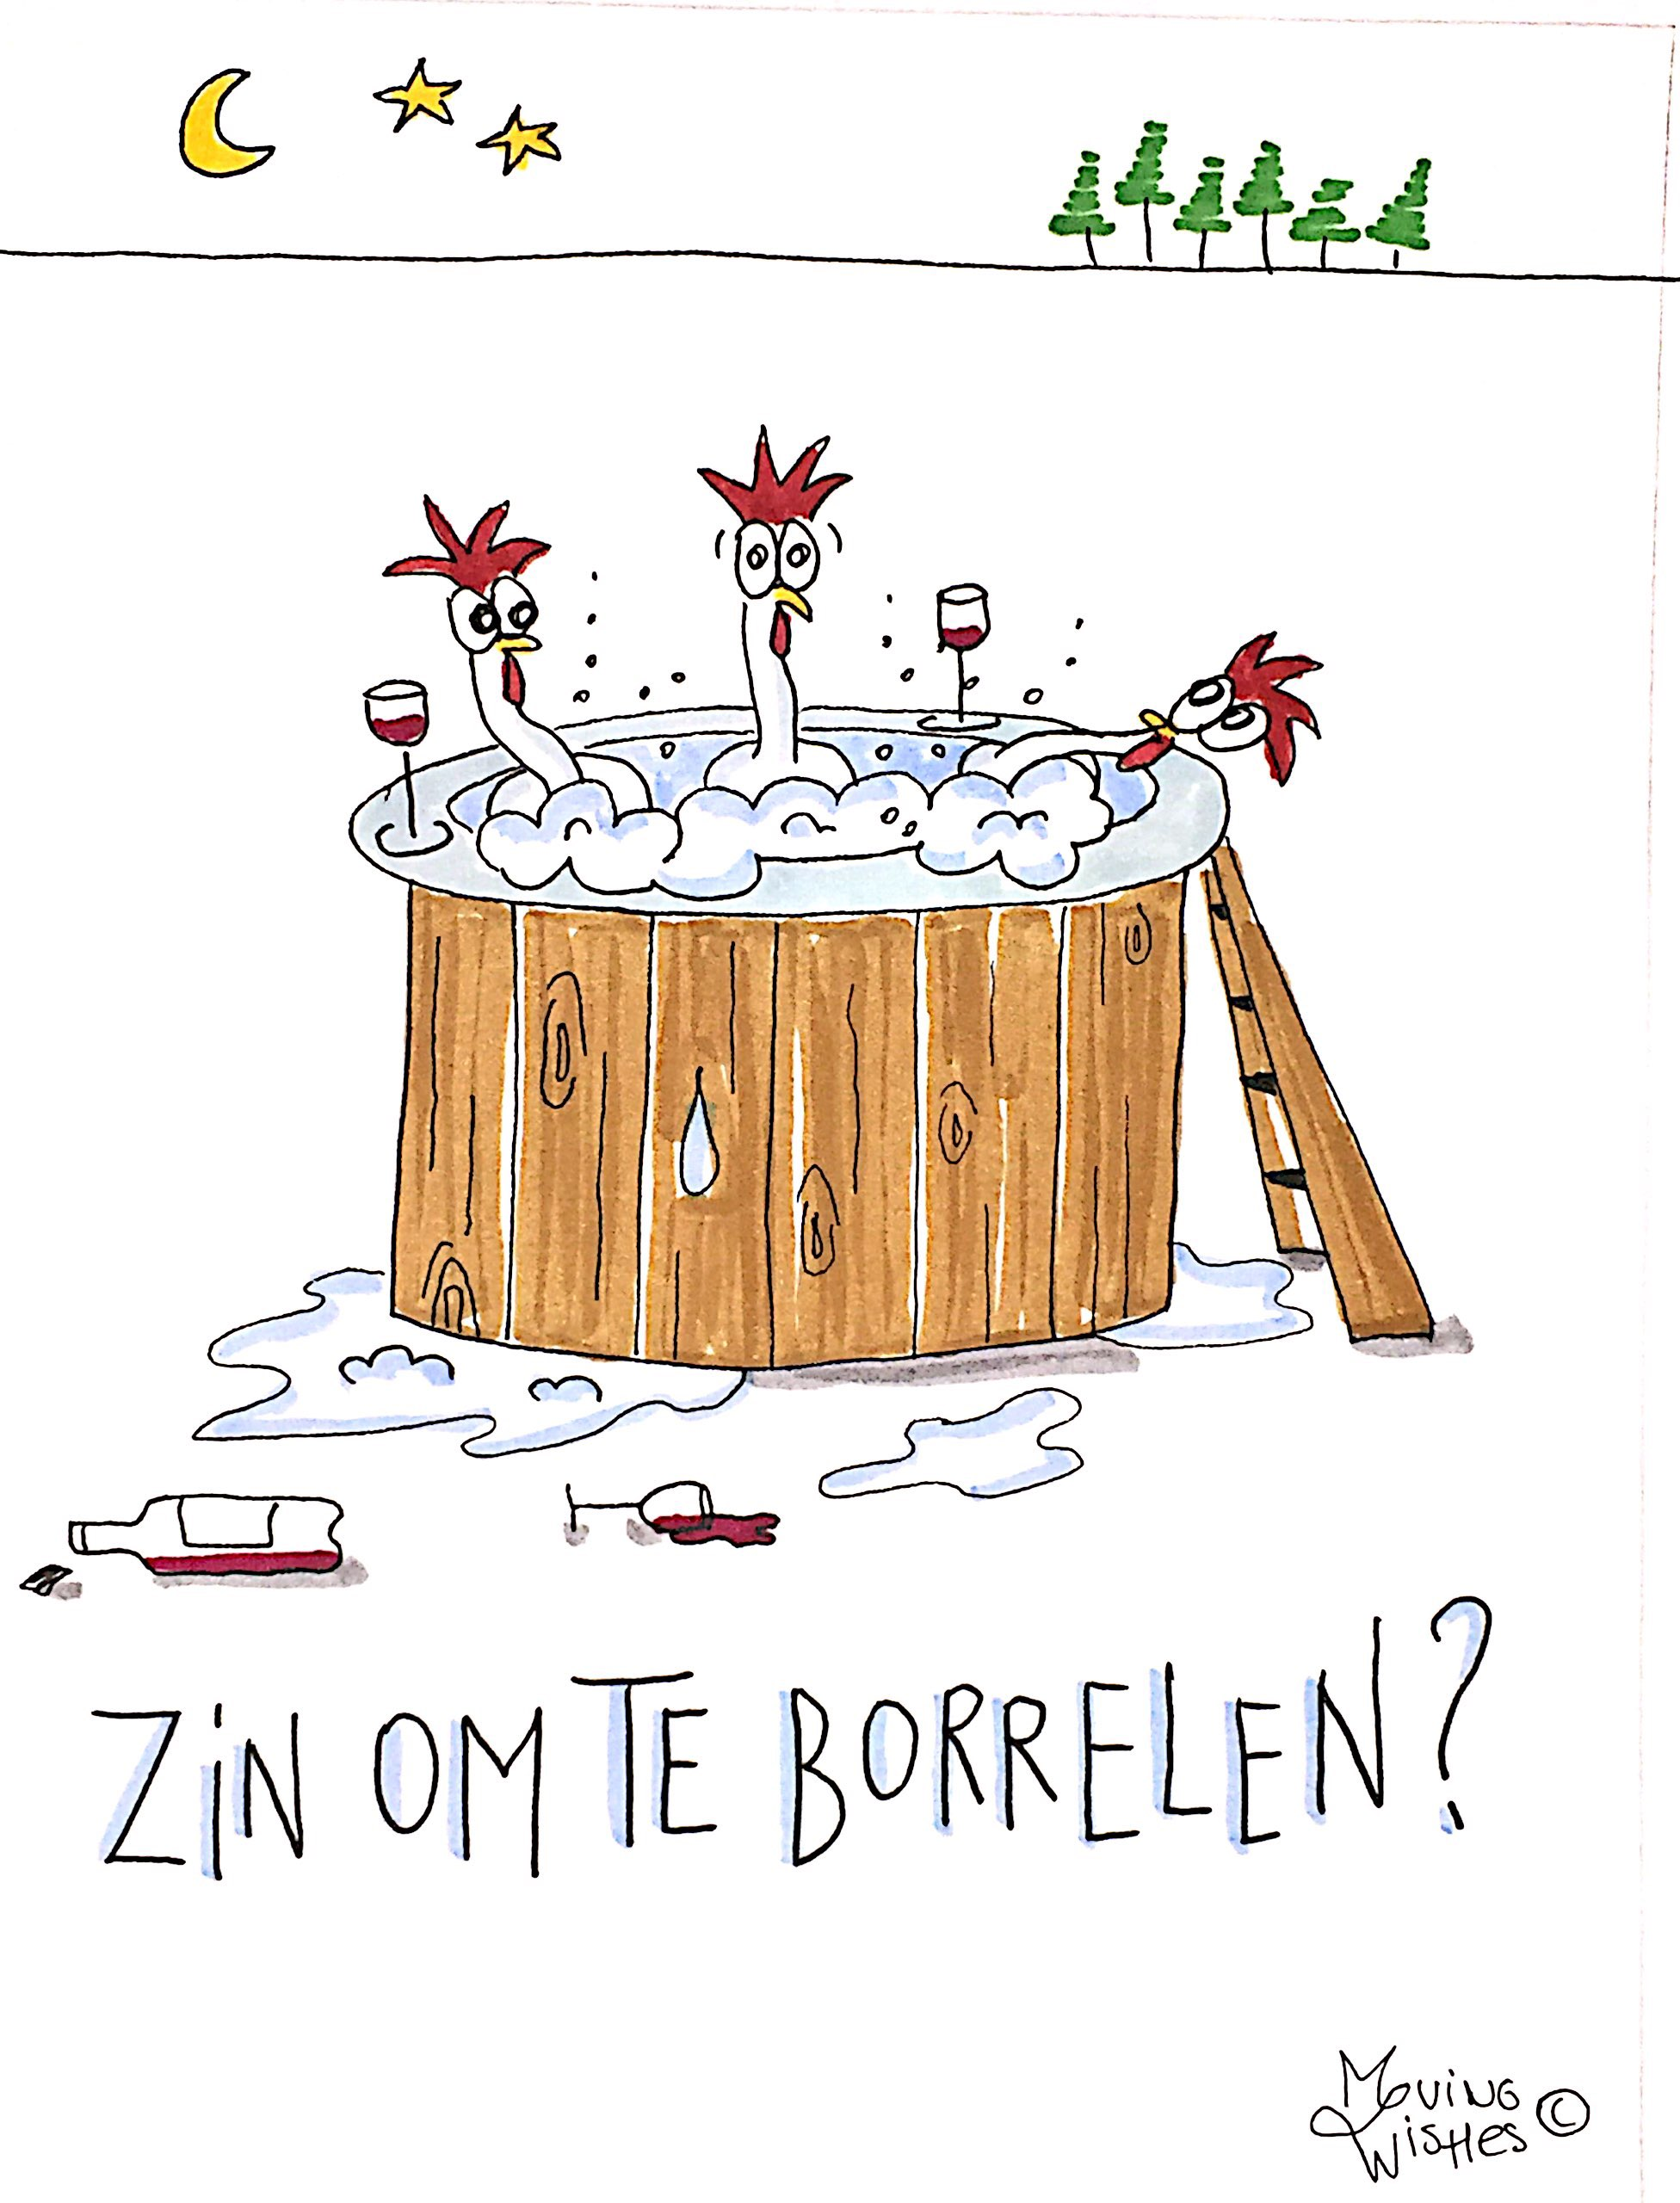 Wenskaart met kippen in hottub.